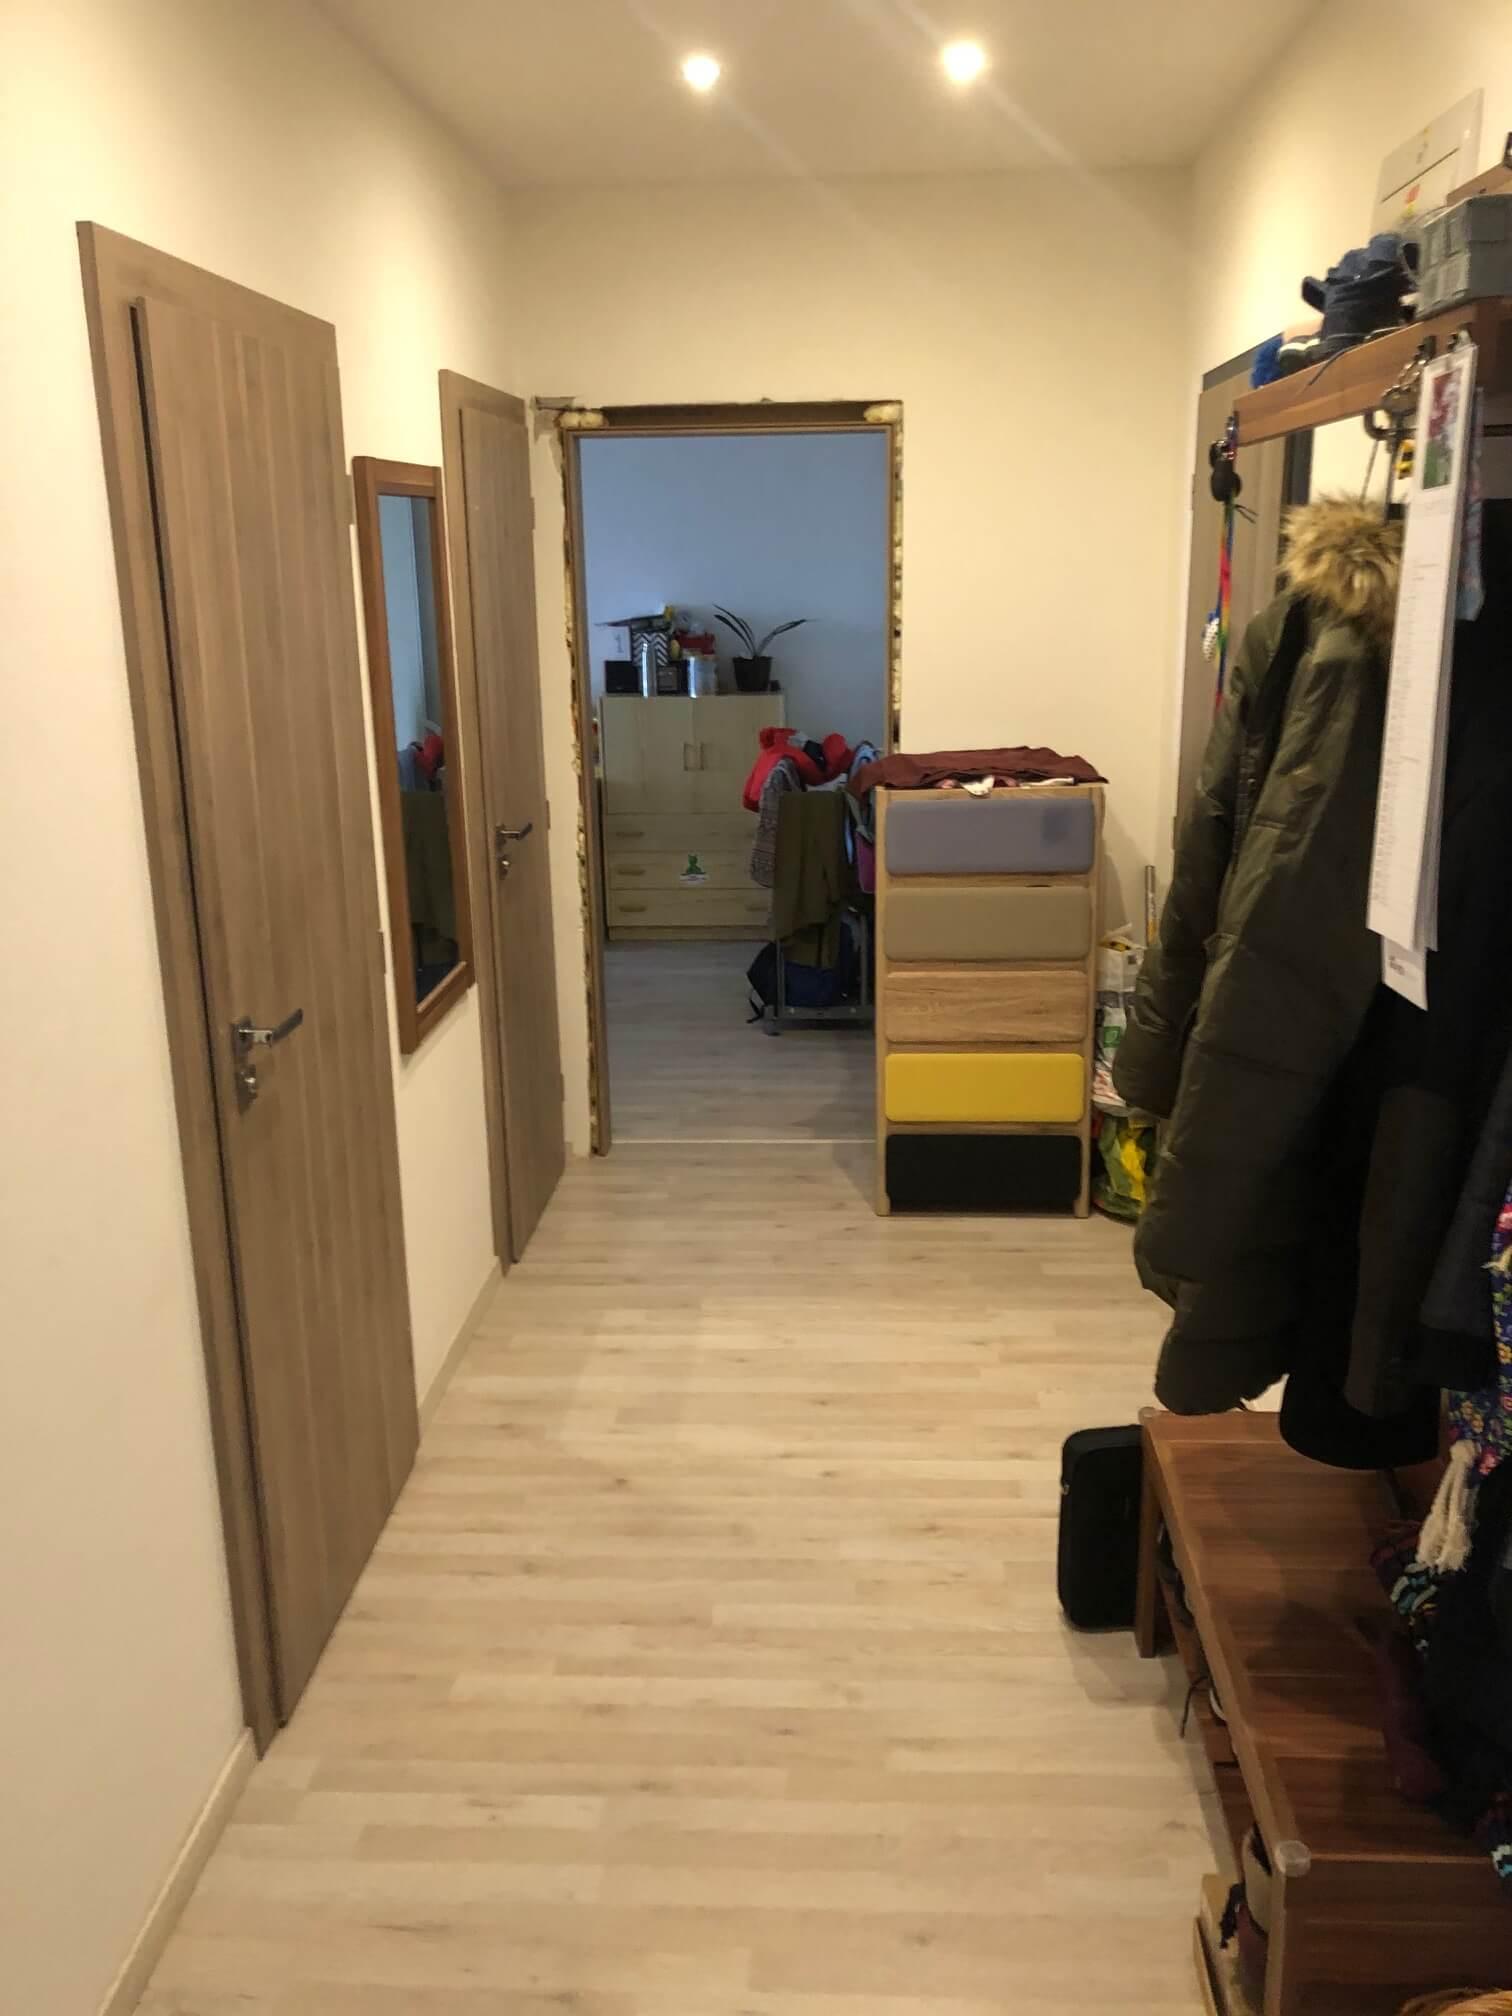 Prenajaté: Prenájom 2 izb. byt, Luxusne zariadeny, v tichej lokalite, Brnianska 4, nad Farbičkou, Malacky,-9